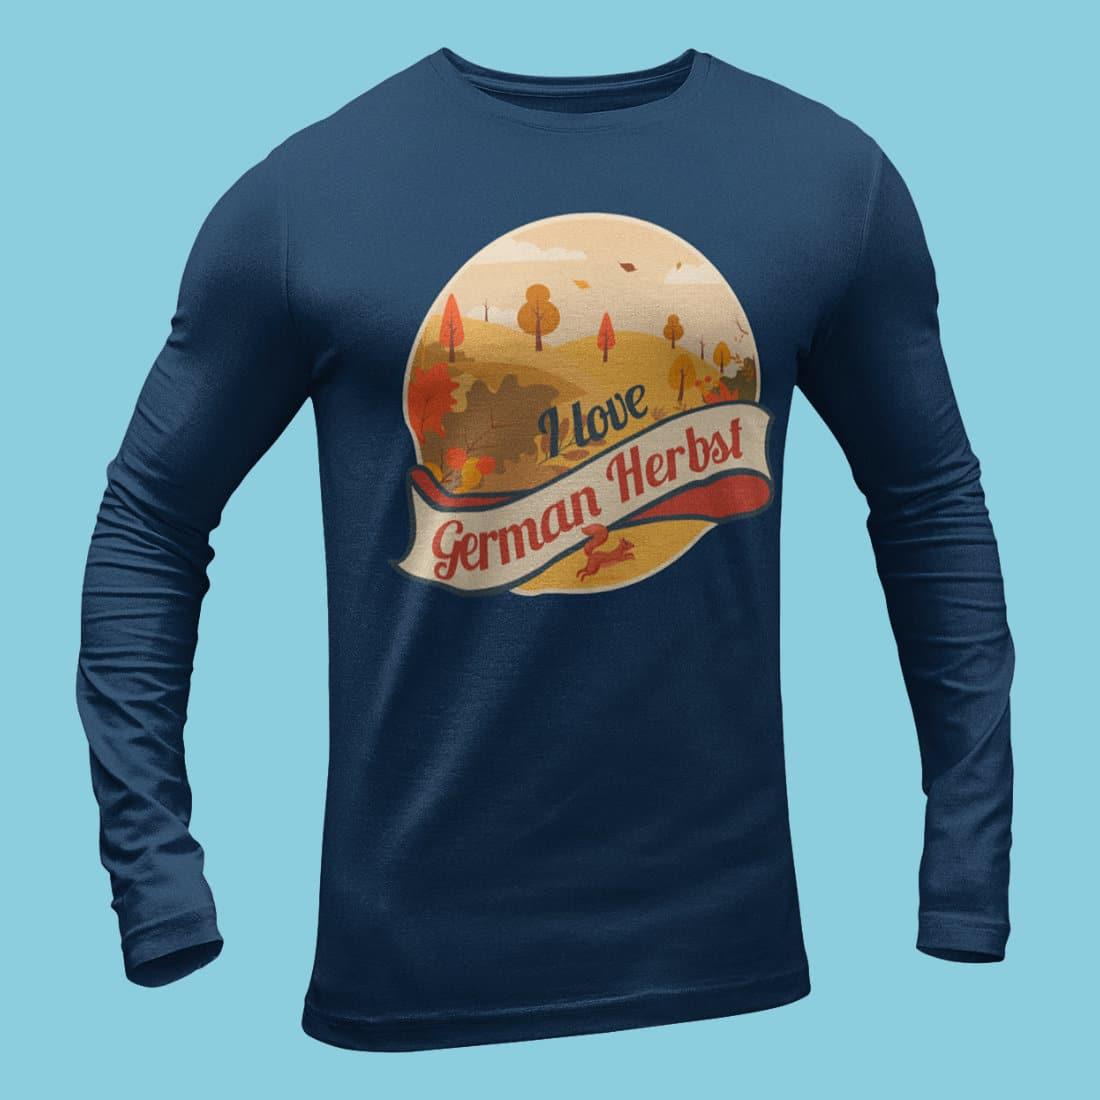 Herbst-T-Shirt für Wanderer & Naturfreunde